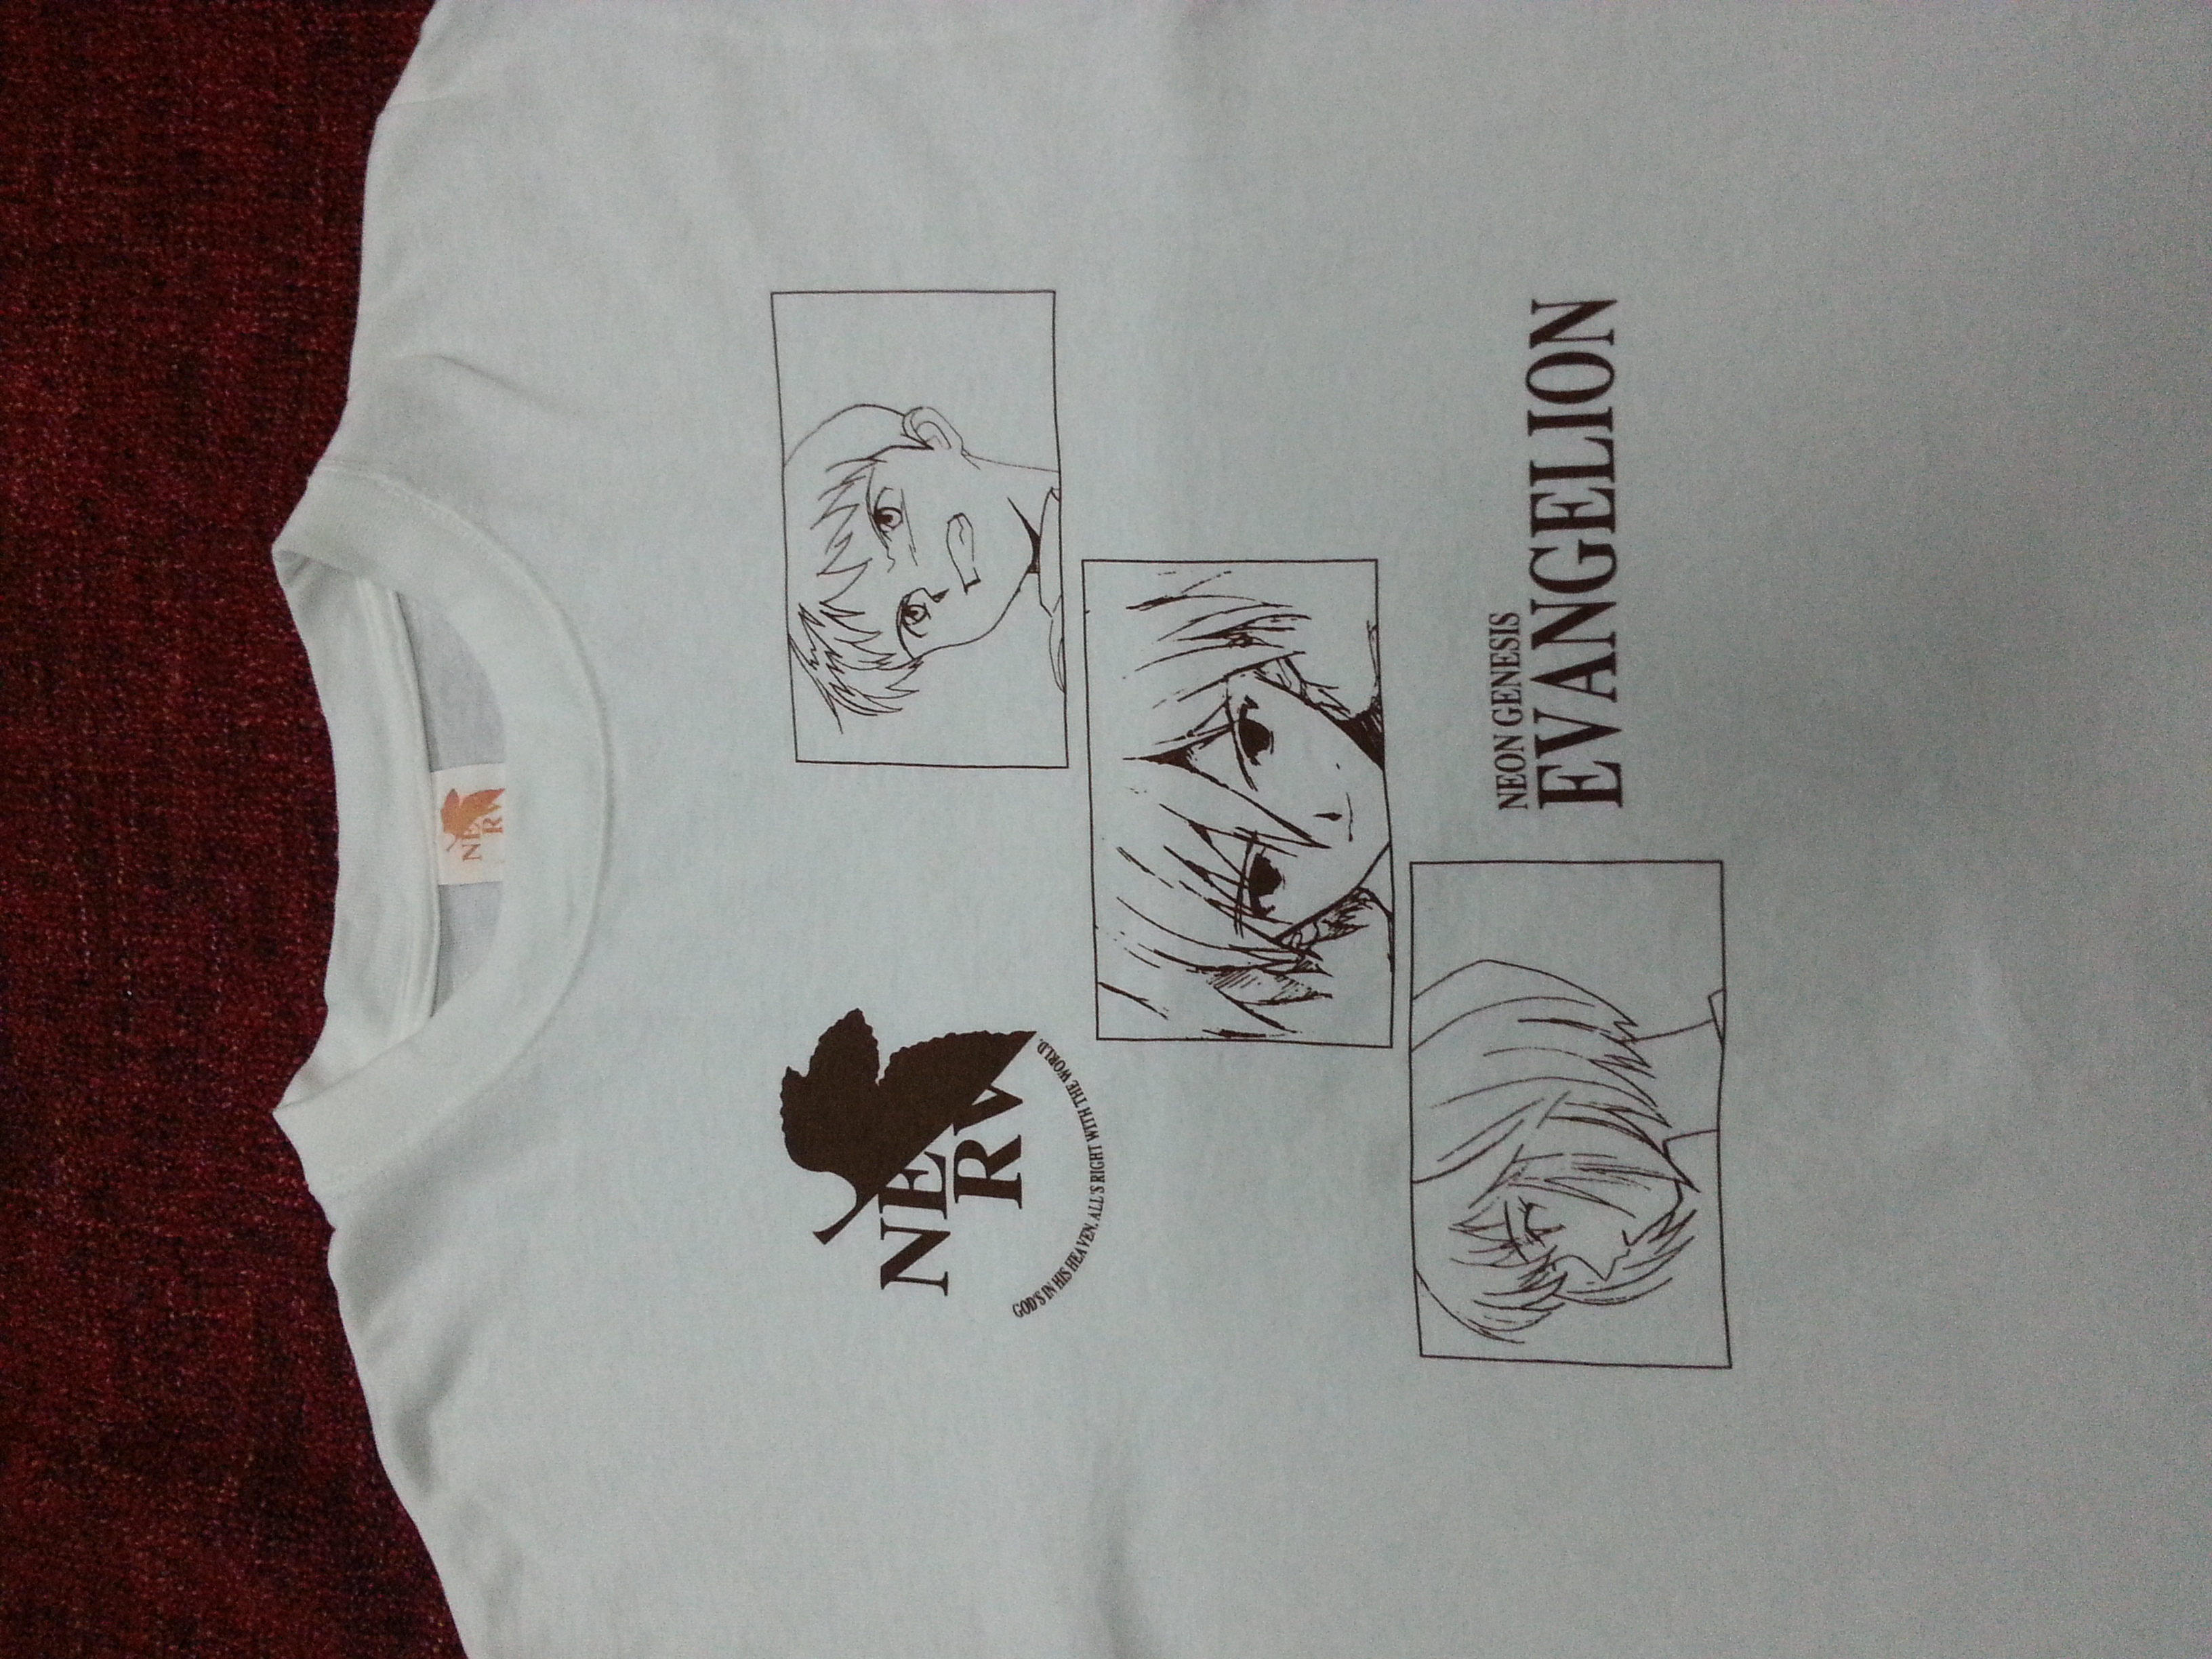 Vintage Neon Genesis Evangelion Japanese Cyber Punk Anime Tee  Akira  Devilman